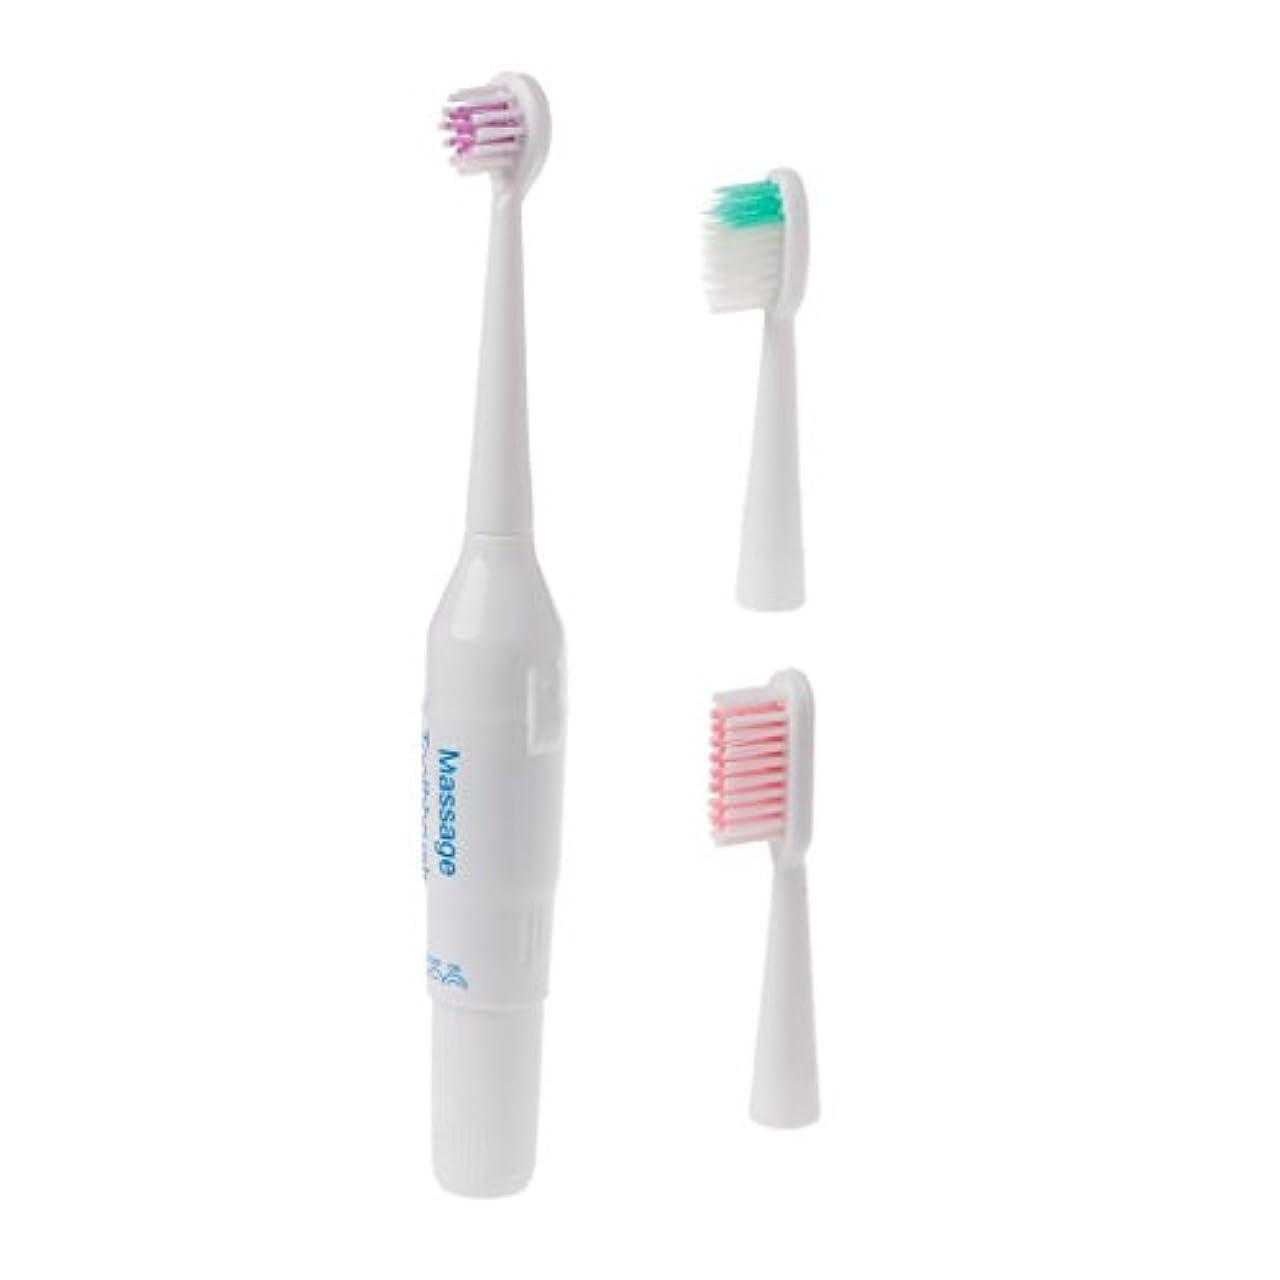 作曲する行商作者Manyao キッズプロフェッショナル口腔ケアクリーン電気歯ブラシパワーベビー用歯ブラシ